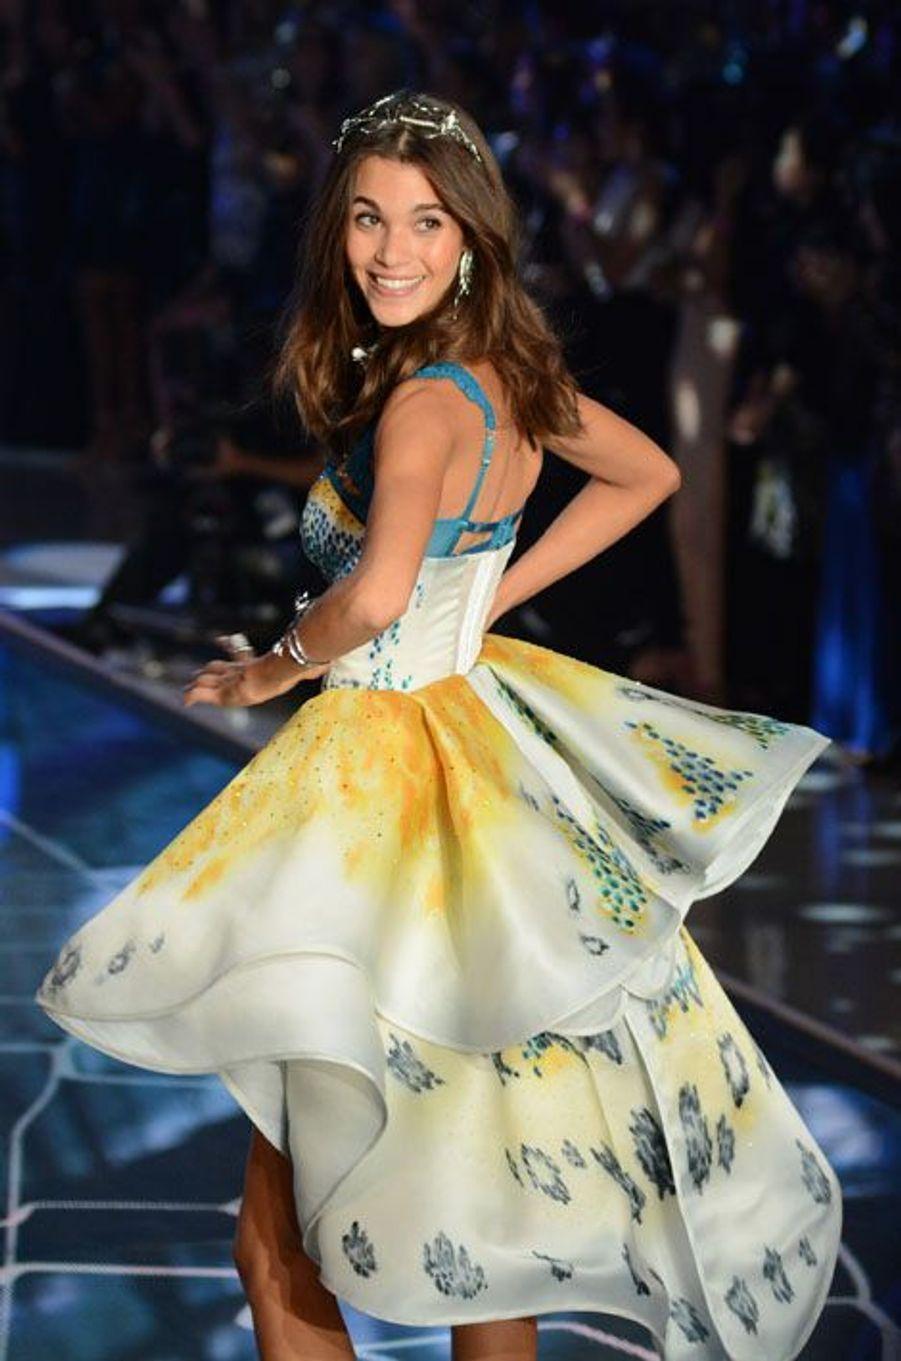 2015 a été une année prolixe en nouveaux talents qui ont émergé dans le monde de la mode. Hormis les éternelles Gisele Bündchen et Adriana Lima, les nouvelles venues ont pris d'assaut les podiums les plus prisés: Kendall Jenner et les soeurs Gigi et Bella Hadid ont été incontournables cette année. A vous d'attribuer une à cinq étoiles aux mannequins, femmes et hommes, qui ont pour vous marqué 2015. Kendall Jenner: Issue du clan Kardashian-Jenner, elle a réussi à se faire un prénom malgré son imposante famille -et le changement de sexe de son père, Bruce devenu Caitlyn Jenner. Favorite, entre autres, d'Olivier Roustaing, elle était également sur les podiums Chanel et Givenchy. Gigi Hadid: Elle aussi sortie d'une famille puissante de Hollywood, avec une maman star de la téléréalité, la belle Gigi a fini l'année en beauté en étant nommée égérie de la marque Tommy Hilfilger. Bella Hadid: Petite soeur de Gigi, elle a aussi défilé pour Balmain tout en faisant sensation dans le domaine privé en sortant avec le chanteur The Weeknd, révélation de l'année. Gisele Bündchen: Impossible de ne pas voir la Brésilienne cette année. Même sielle a raccroché les talonspour les podiums, elle demeure égérie Chanel -et mannequin le mieux payé de l'année, triplant les revenus de sa dauphine Cara Delevingne. Karlie Kloss: Egérie L'Oréal et étudiante, la jeune femme était de tous les podiums. Adriana Lima: Ange éternel de la marque Victoria's Secret, la Brésilienne figurait également dans le top 5 des mannequins les mieux payés. Jourdan Dunn: La sublime Britannique a été élue mannequin de l'année par le British Fashion Council, une véritable reconnaissance. Ilona Smet: Avec un top model comme maman (Estelle Lefébure) et un chanteur lui-même enfant de star (David Hallyday), il était difficile pour Ilona de ne pas percer. Elle a même posé pour une campagne avec sa mère. Stella Maxwell: Nommée Ange du défilé Victoria's Secret, elle a également défié la chronique en sortant brièvement avec Mile